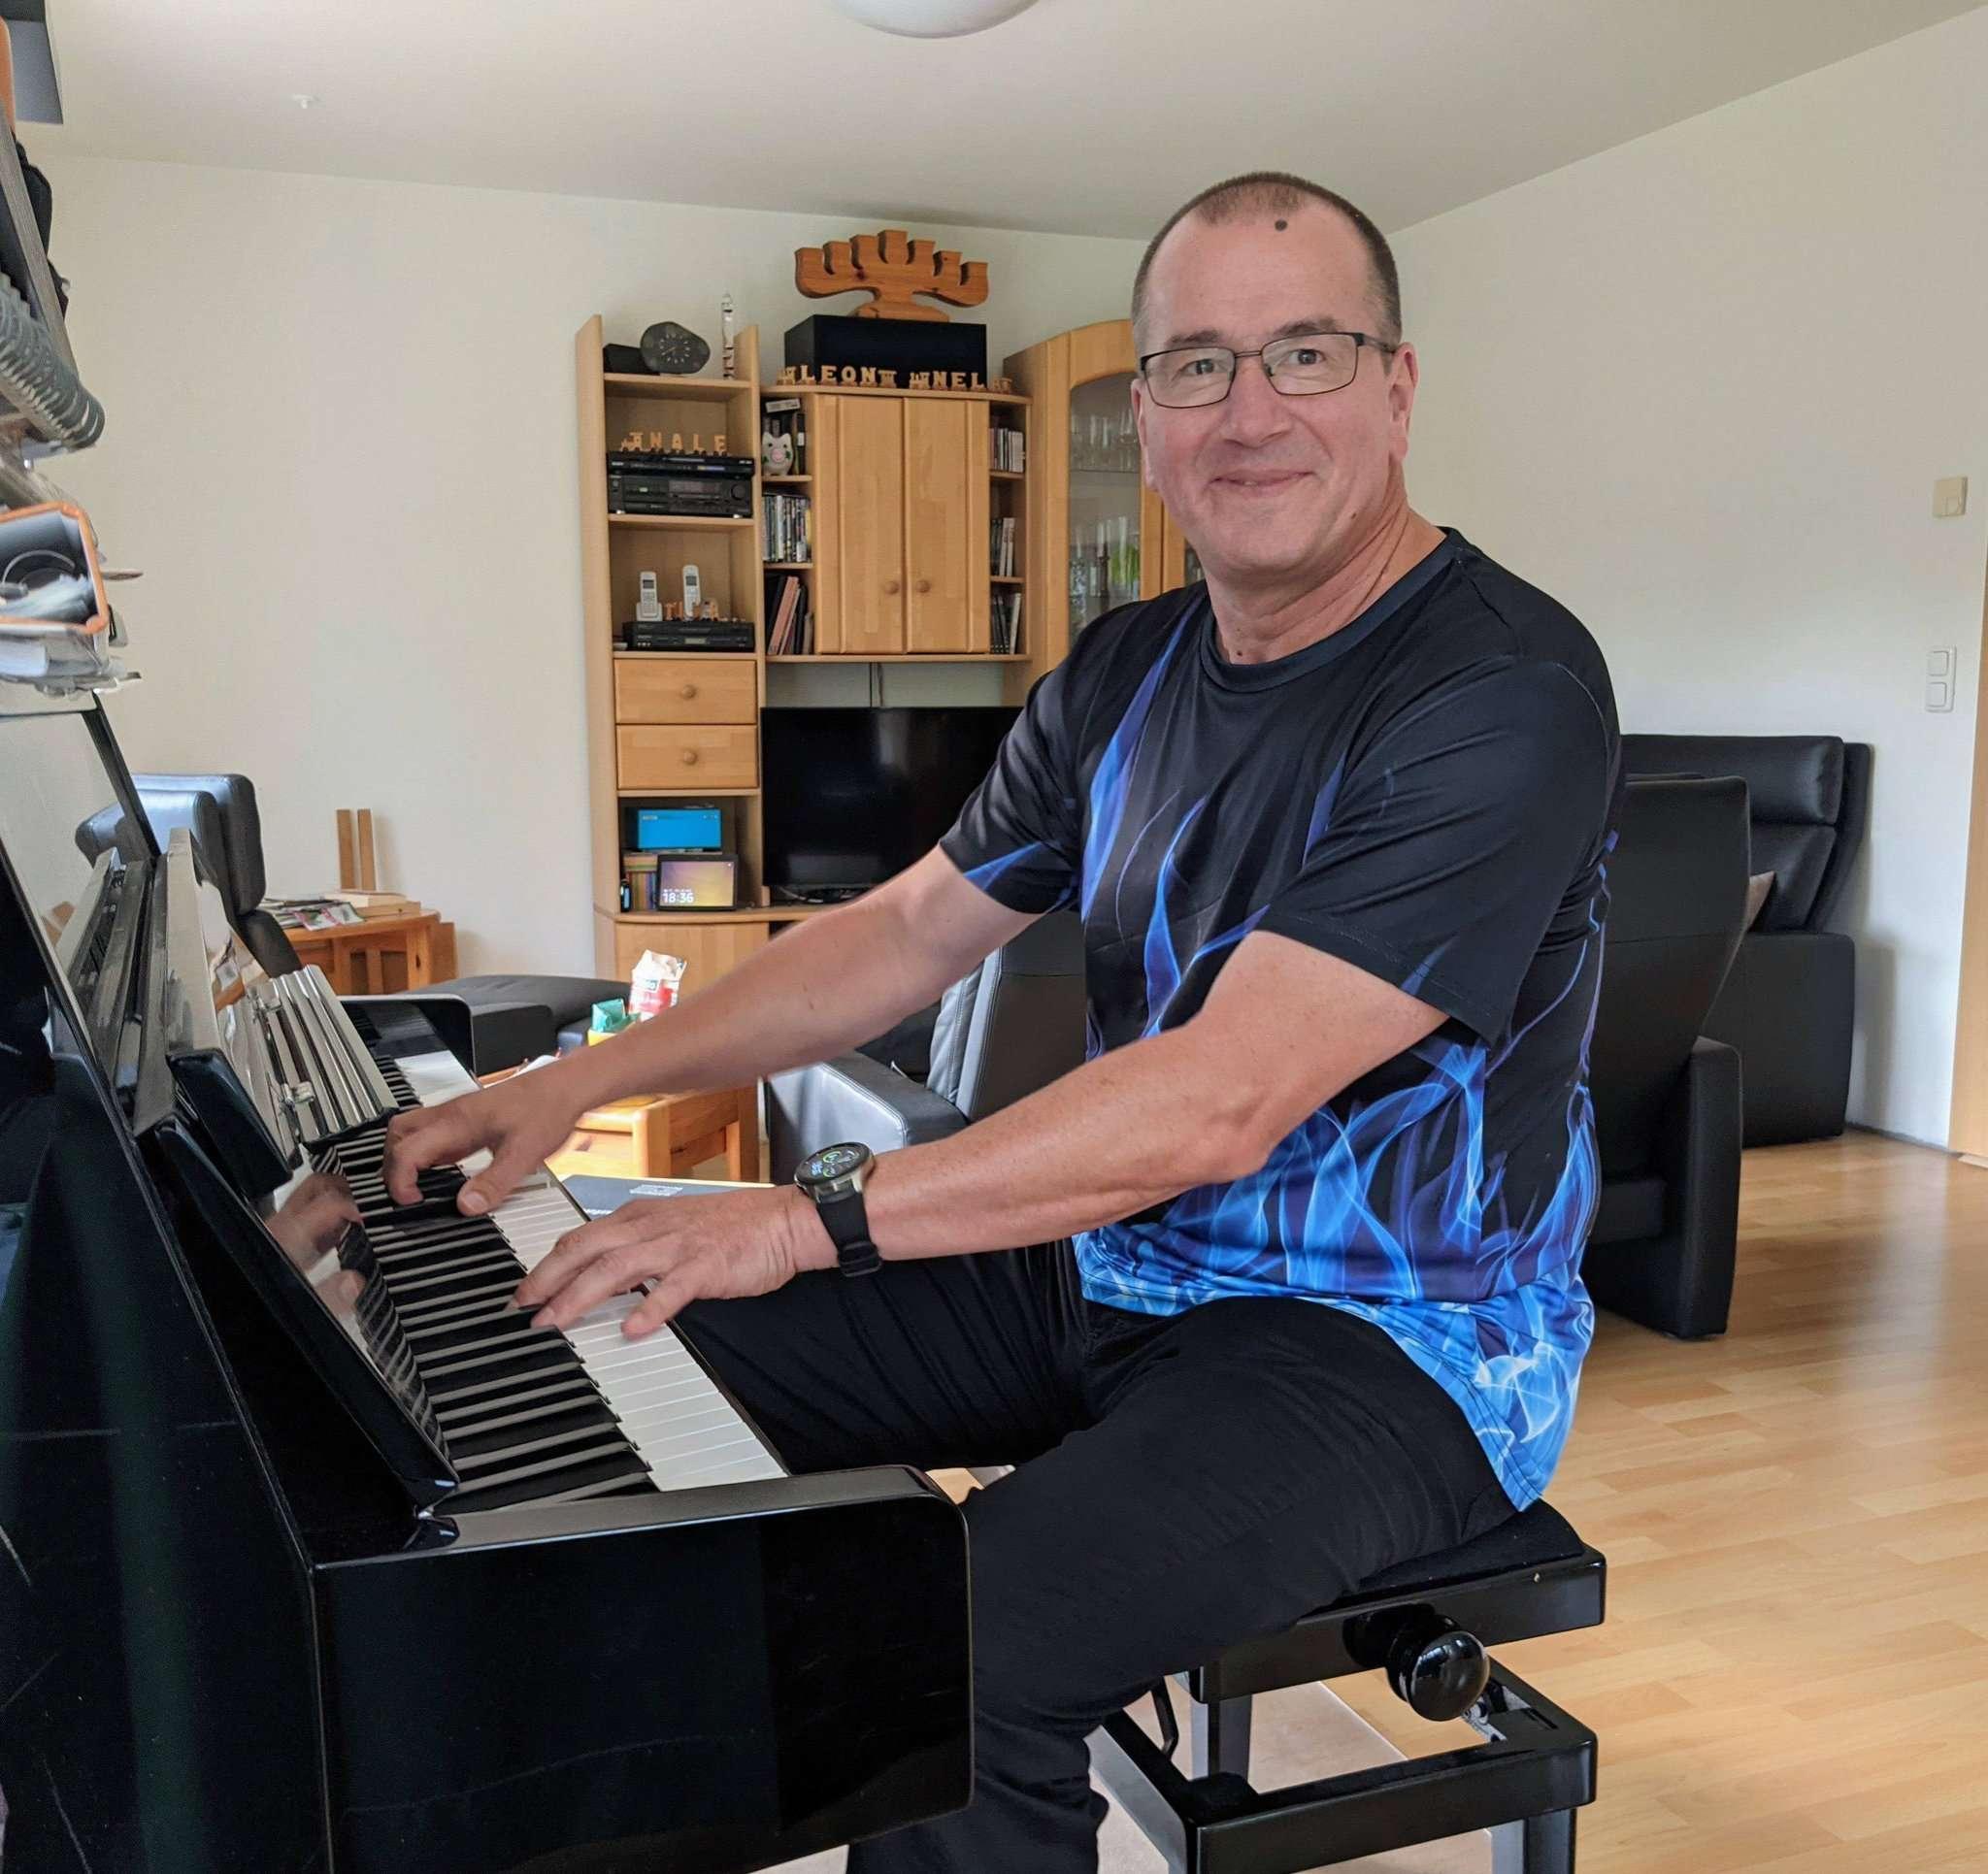 Uwe Gerlach an seinem heimischen Klavier. Als geprüfter Organist spielt er hin und wieder auch auf der Orgel in der Lauenbrücker Kirche. Foto: Warnecke